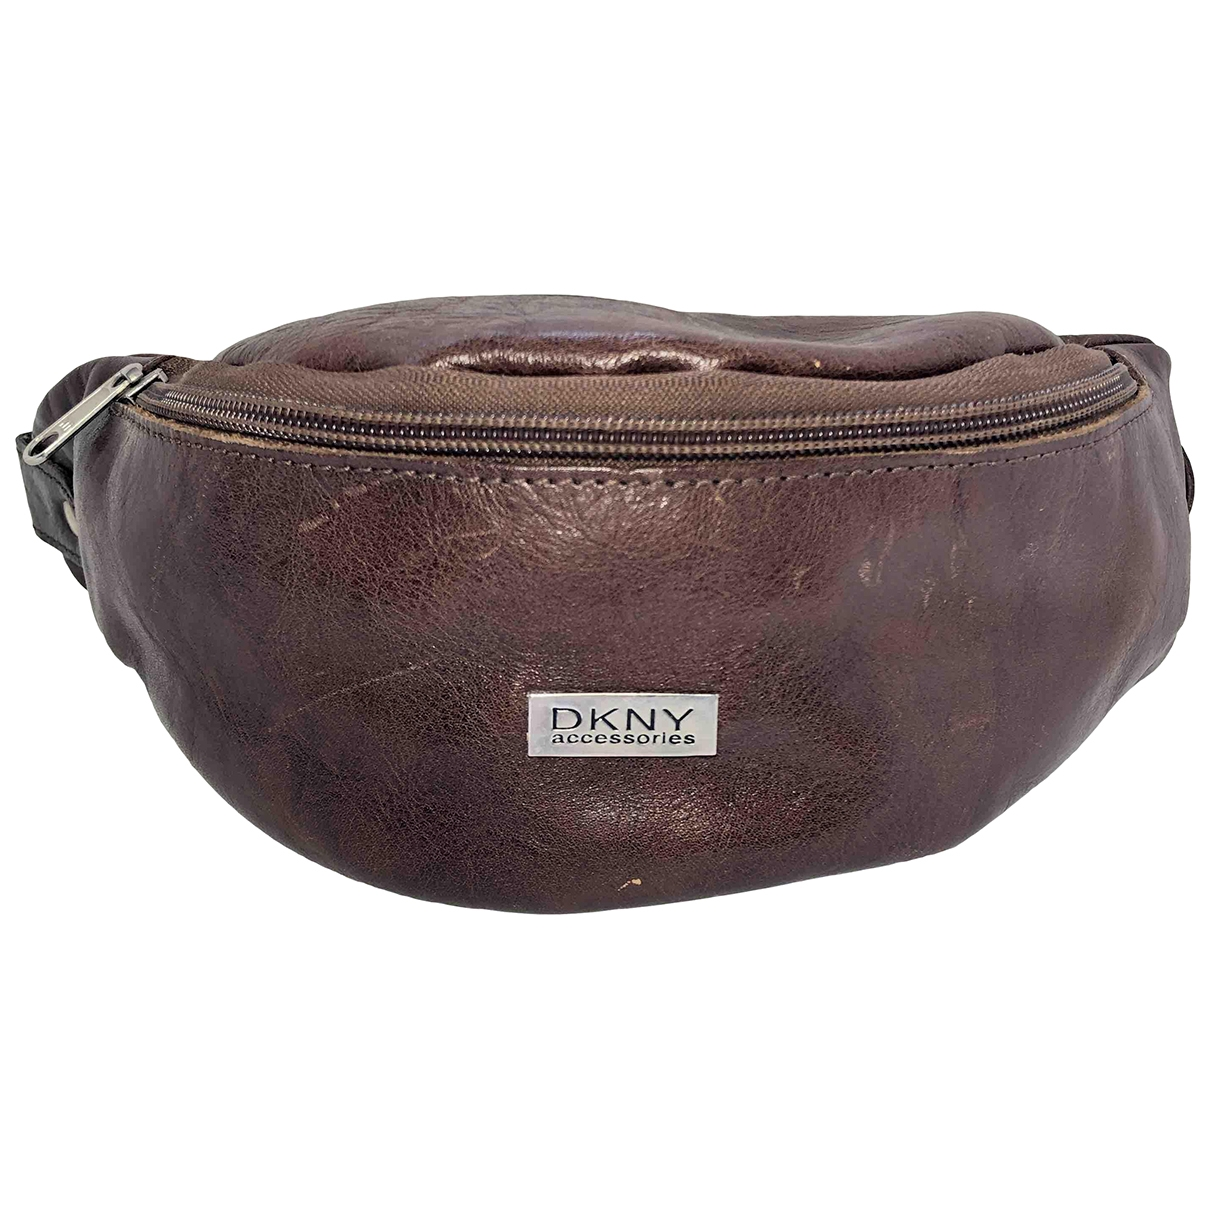 Dkny \N Handtasche in  Braun Leder